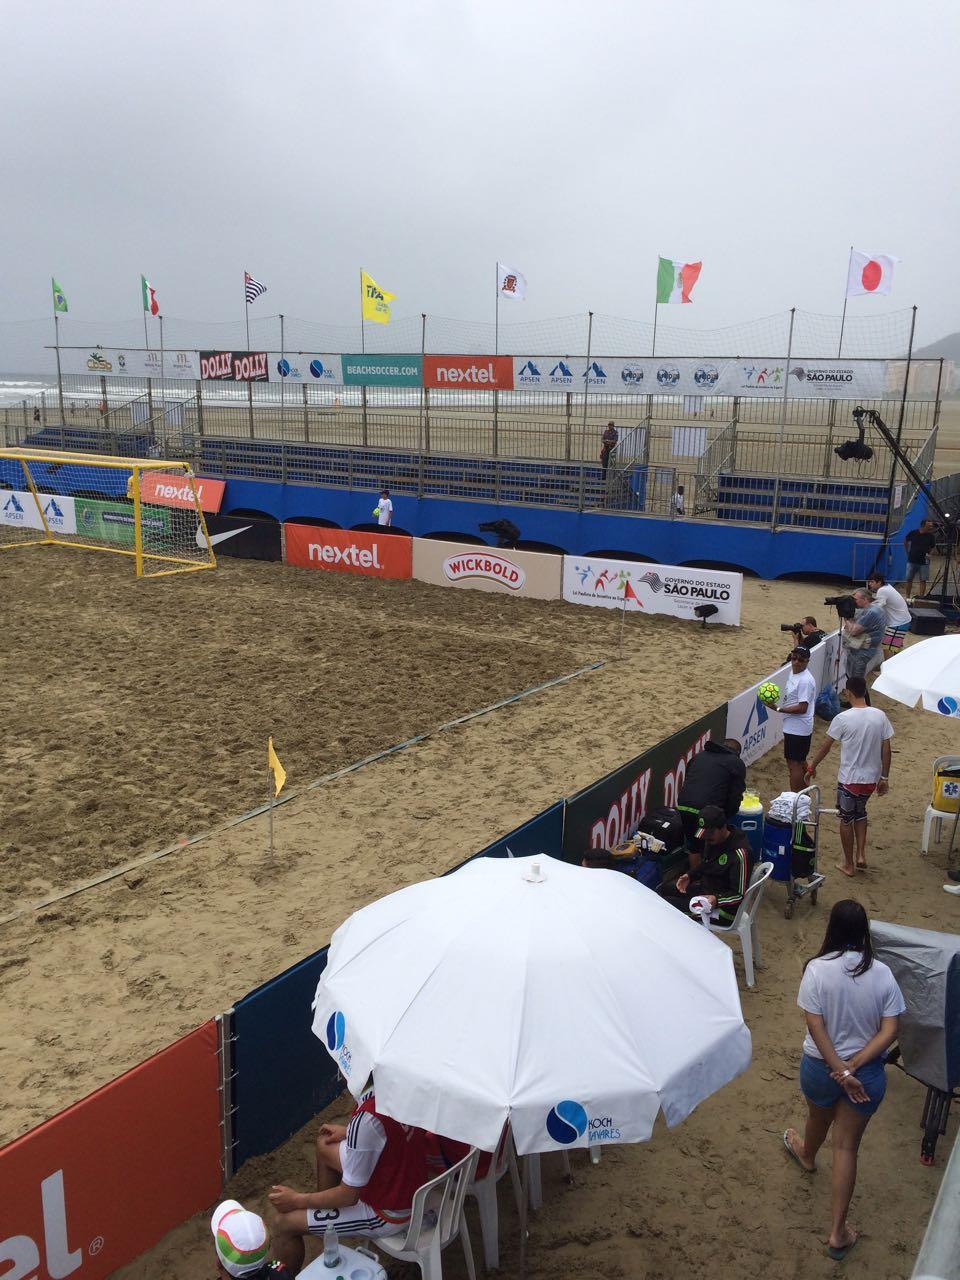 Mundialito de Beach Soccer Brasil - 21 a 23 de Outubro